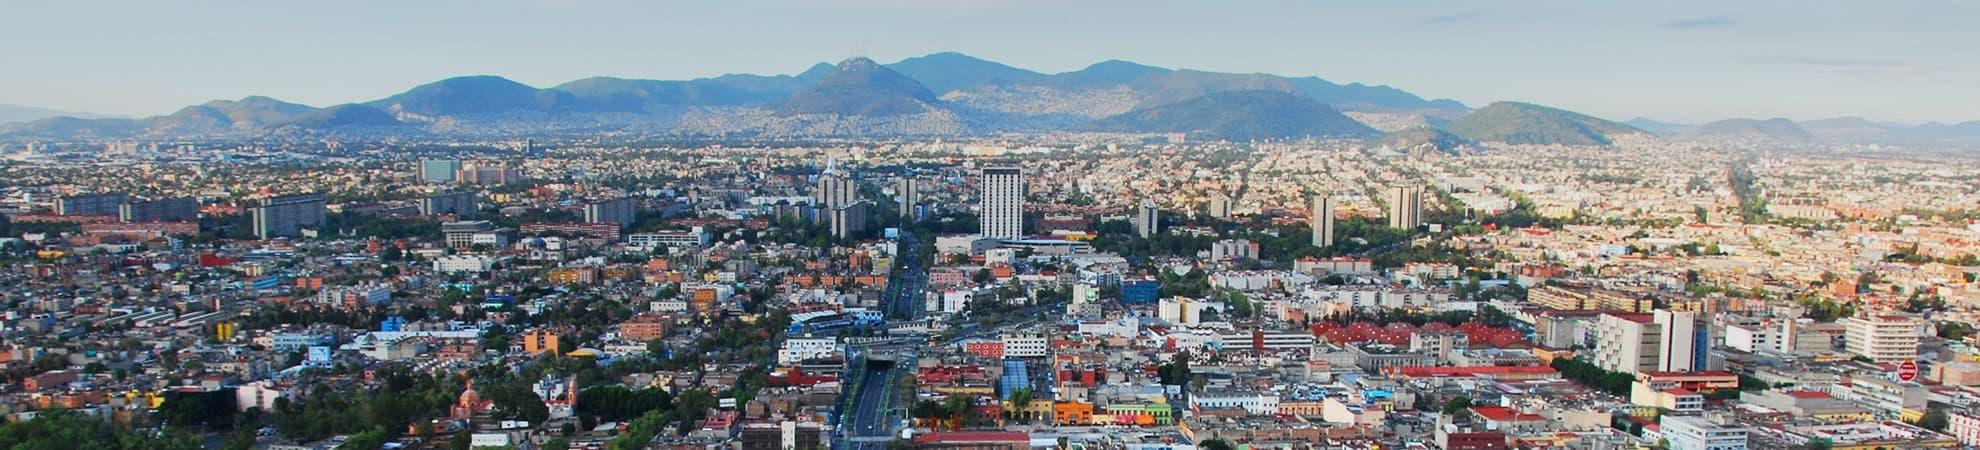 Voyage Les hauts plateaux du Mexique